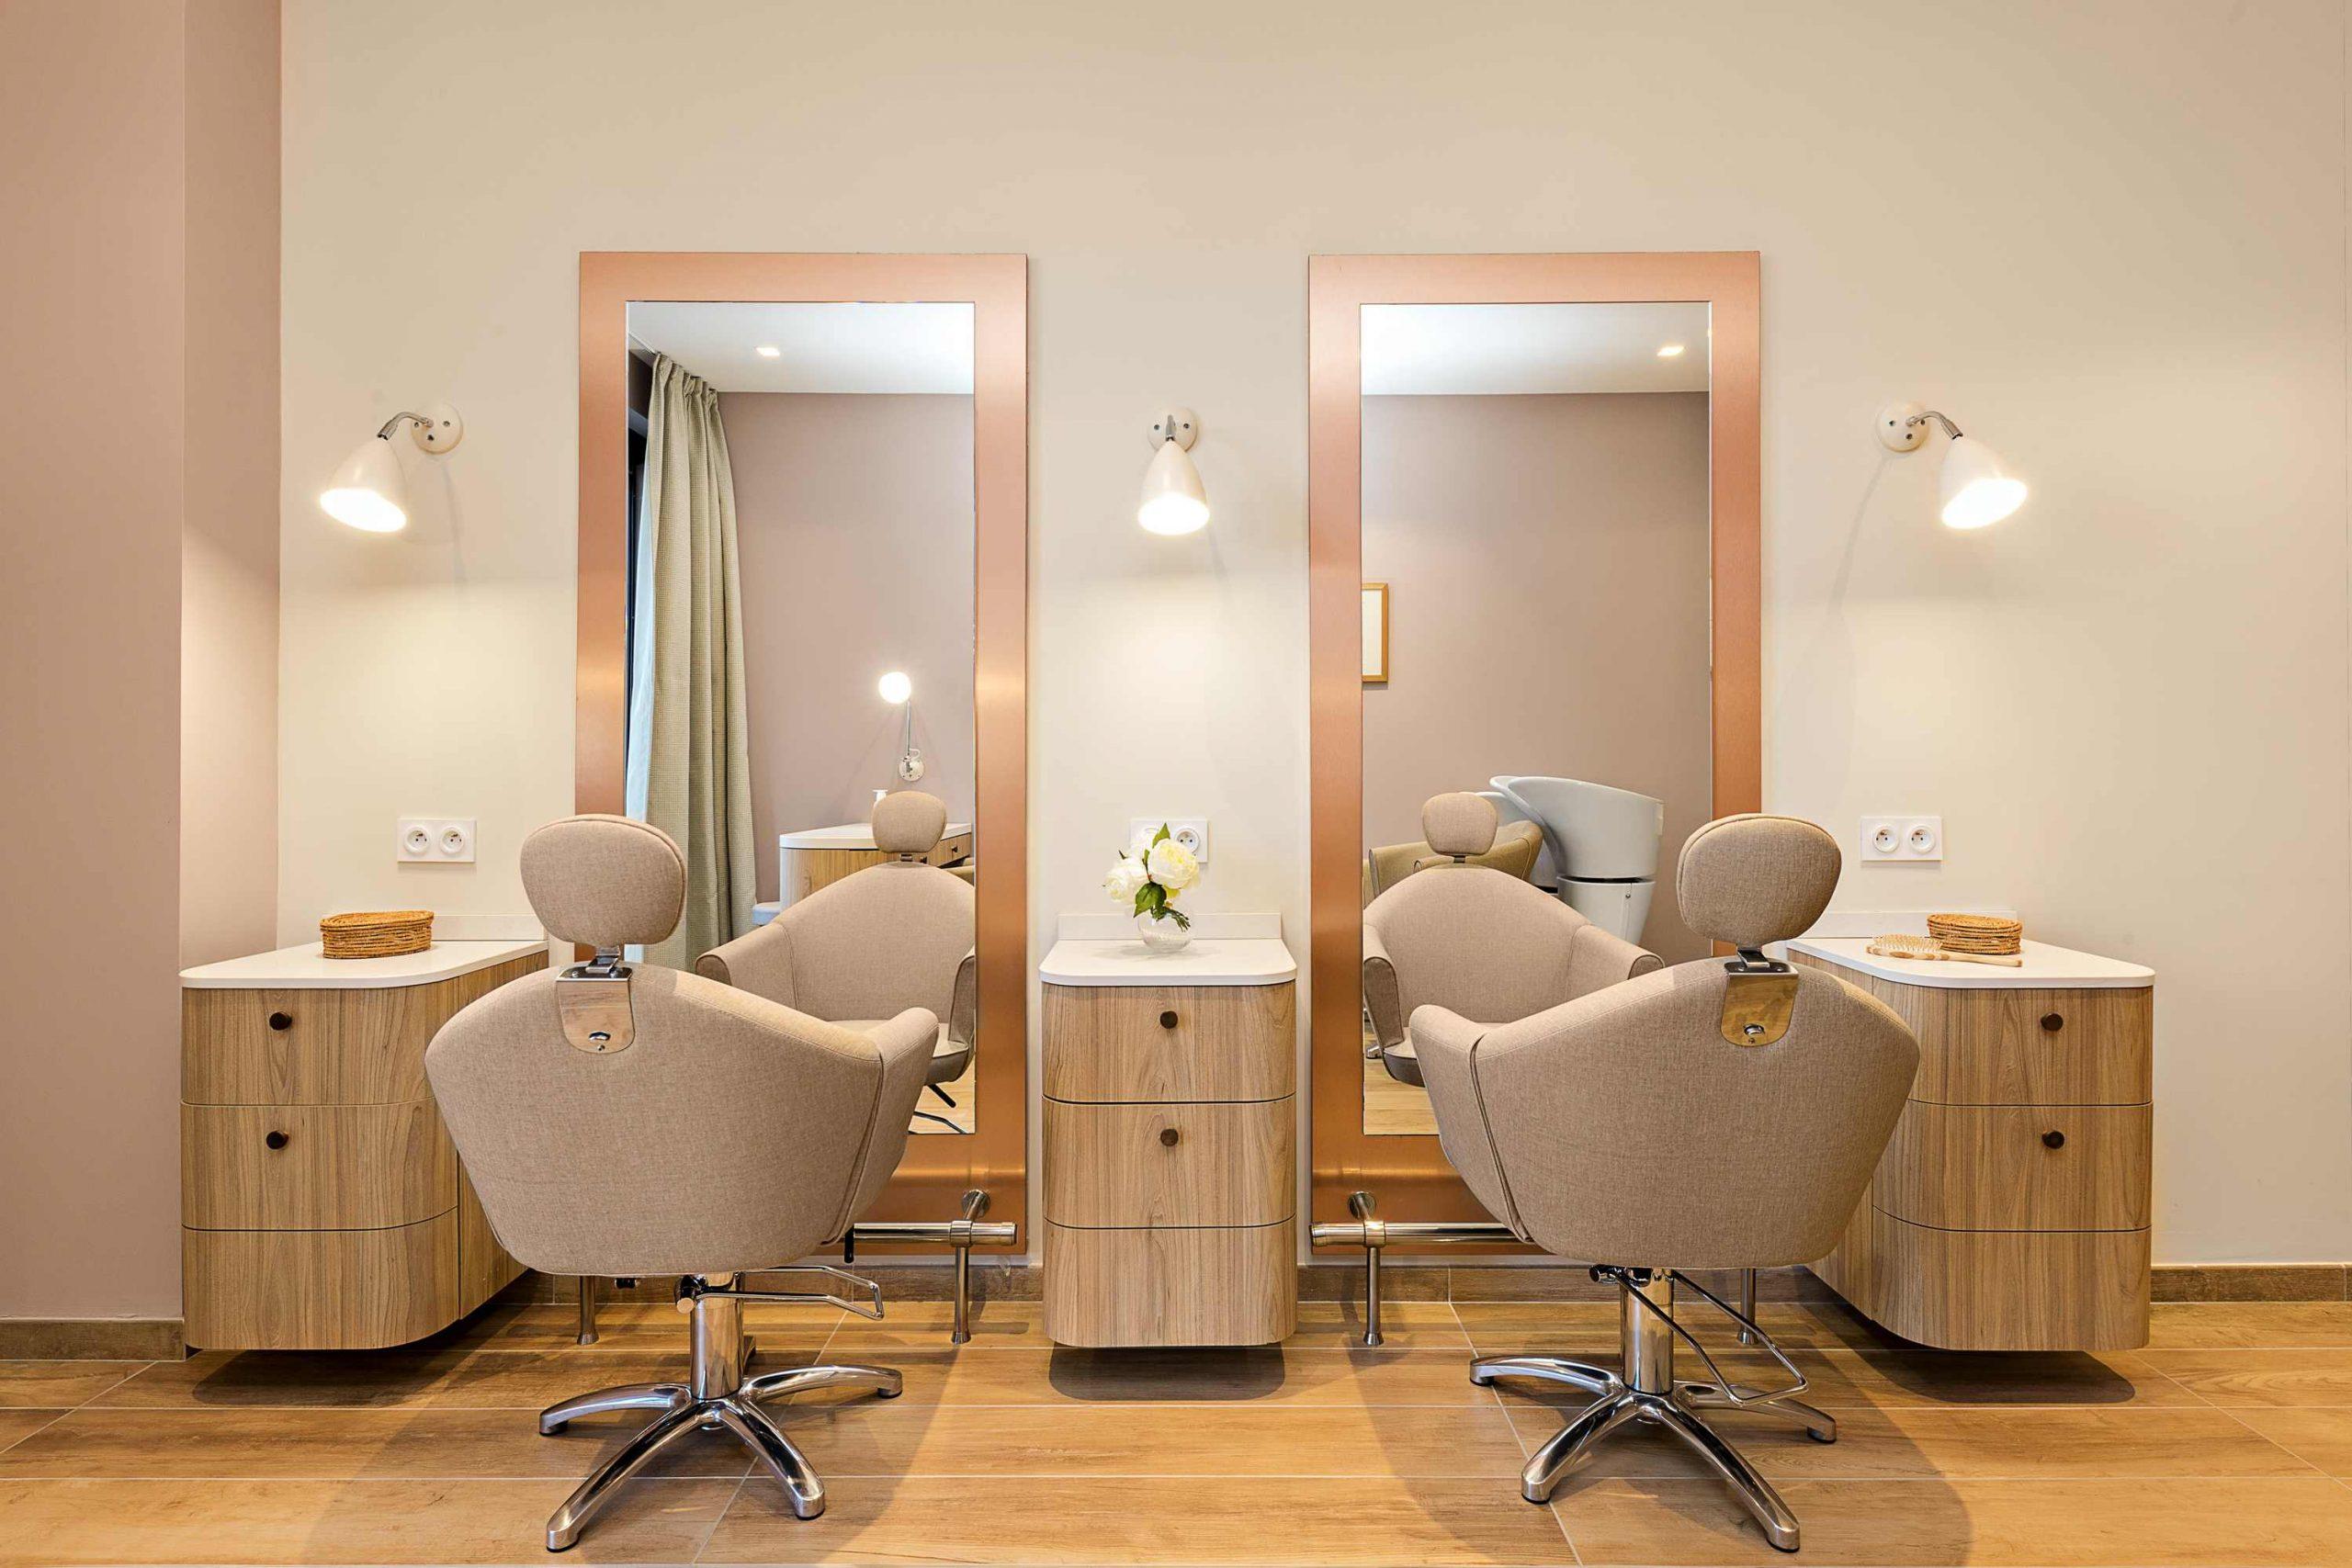 Résidence services seniors Nahoma La Calende Rouen salon de coiffure